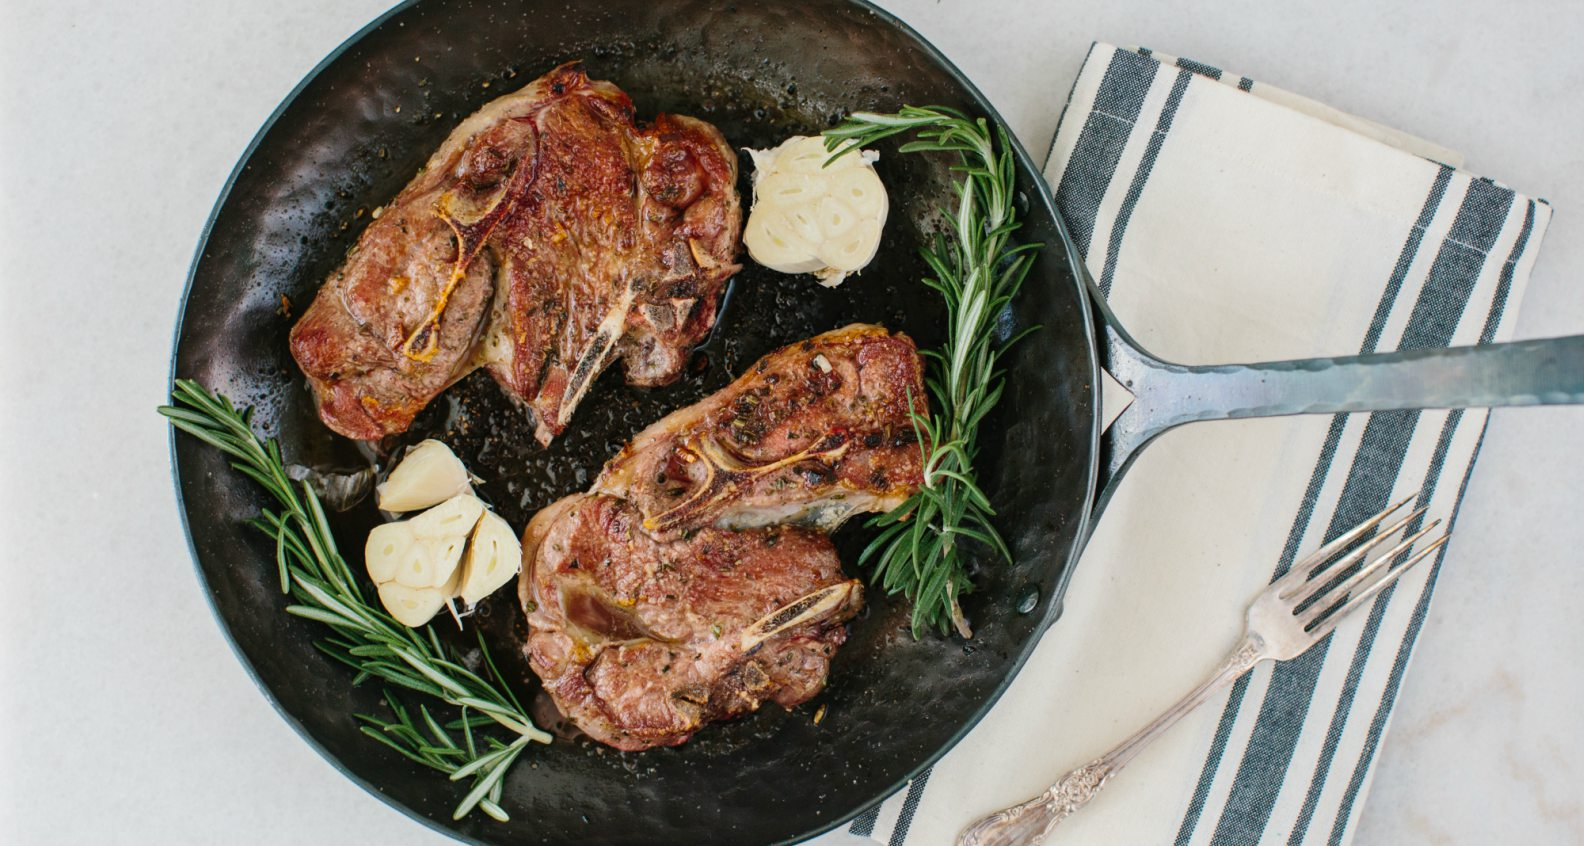 pan fried lamb shoulder chop recipe Lamb Shoulder Chops with Garlic and Rosemary